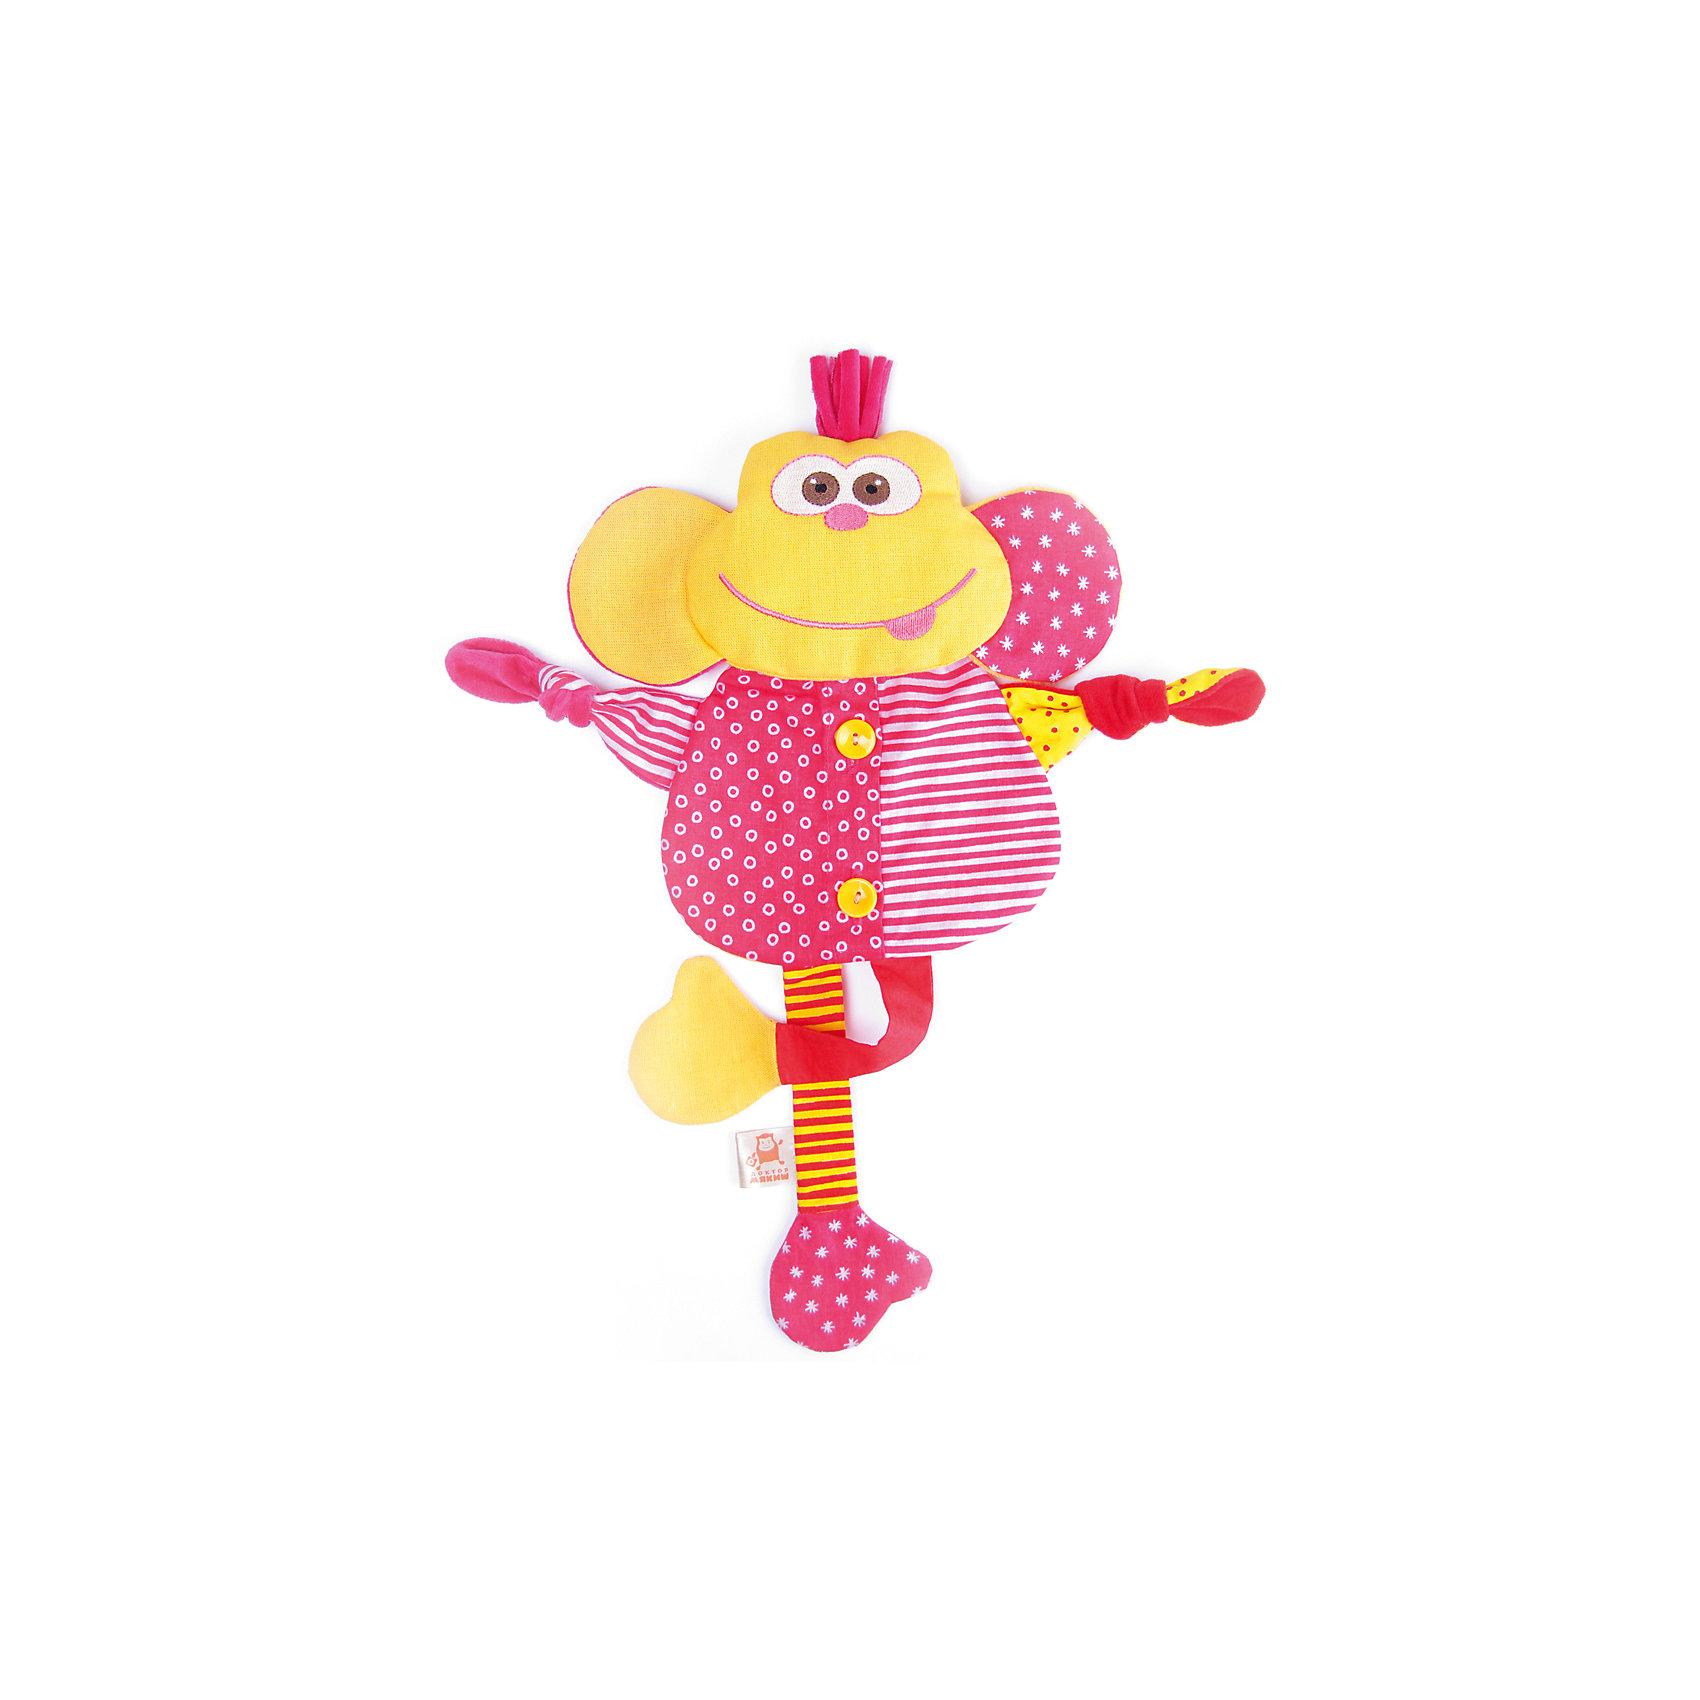 Игрушка «Доктор Мартышка», МякишиИгрушка Доктор Мартышка, Мякиши - красочная развивающая игрушка, которая обязательно привлечет внимание Вашего малыша. Забавная мартышка с большими ушками выполнена из разноцветных разнофактурных материалов, лапки-ленточки можно развязывать и завязывать узелком. Внутри игрушки находится звуковой элемент - мешочек с вишнёвыми косточками, которые можно разогревать в микроволновке и остужать в морозилке. Благодаря гигроскопичным свойствам вишнёвая косточка хорошо сохраняет тепло и холод. Красочное оформление и множество занимательных игровых элементов помогут сенсорному и эмоциональному развитию вашего малыша и подарят ему радость. Обезьянка изготовлена из высококачественных тканей (хлопок и лен), не изнашивается, хорошо переносит многочисленные стирки и не накапливает на себе статическое электричество. Способствует эмоциональному и речевому развитию, обогащает слуховое и зрительное восприятие, тренирует мелкую моторику.<br><br>Дополнительная информация:<br><br>- Материал: лён, вишнёвая косточка, трикотажные полотна, хлопок, швейная фурнитура, холлофайбер.<br>- Высота мартышки: 40 см.<br>- Размер упаковки: 44 х 26 х 5 см.<br>- Вес: 0,3 кг.<br><br>Игрушку Доктор Мартышка, Мякиши, можно купить в нашем интернет-магазине.<br><br>Ширина мм: 440<br>Глубина мм: 260<br>Высота мм: 50<br>Вес г: 300<br>Возраст от месяцев: 12<br>Возраст до месяцев: 36<br>Пол: Унисекс<br>Возраст: Детский<br>SKU: 4424939